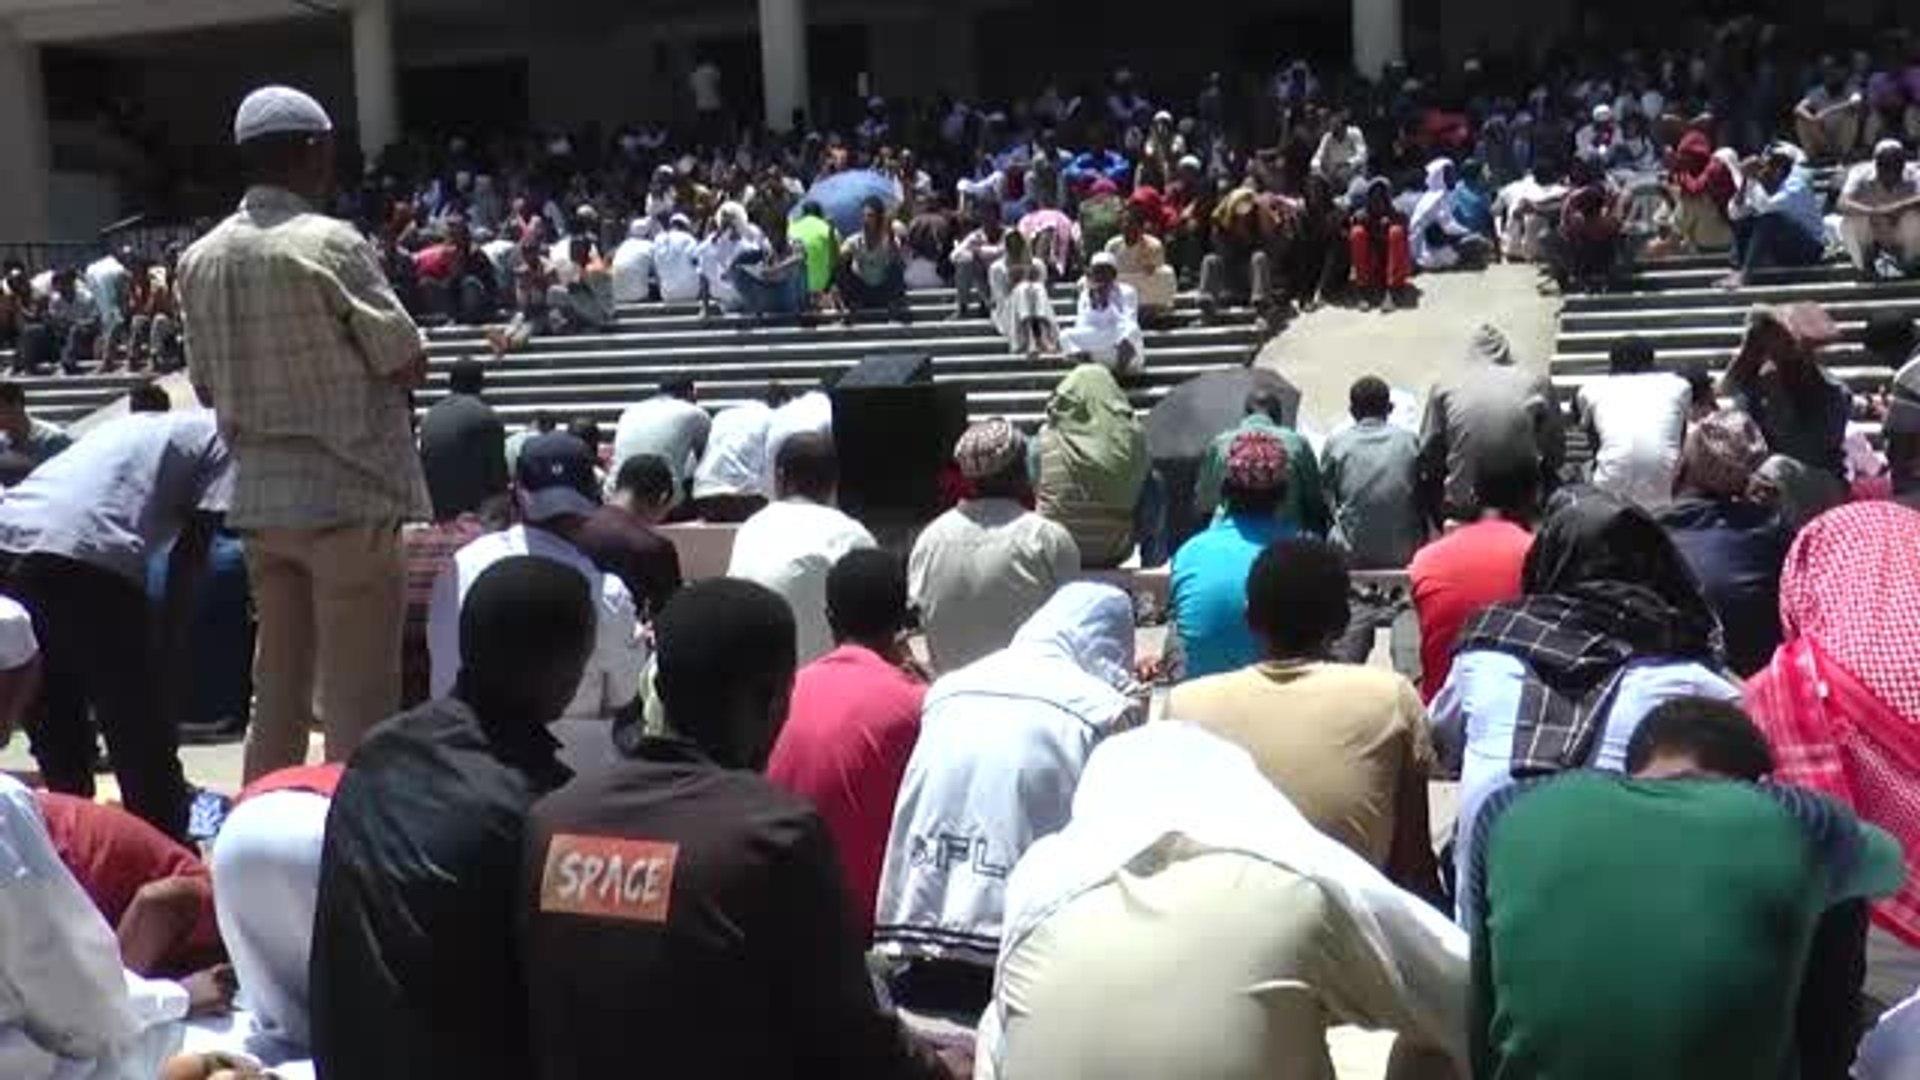 Etiyopya'da Ramazan Ayının İlk Cuma Namazı Kılındı - Addis Ababa